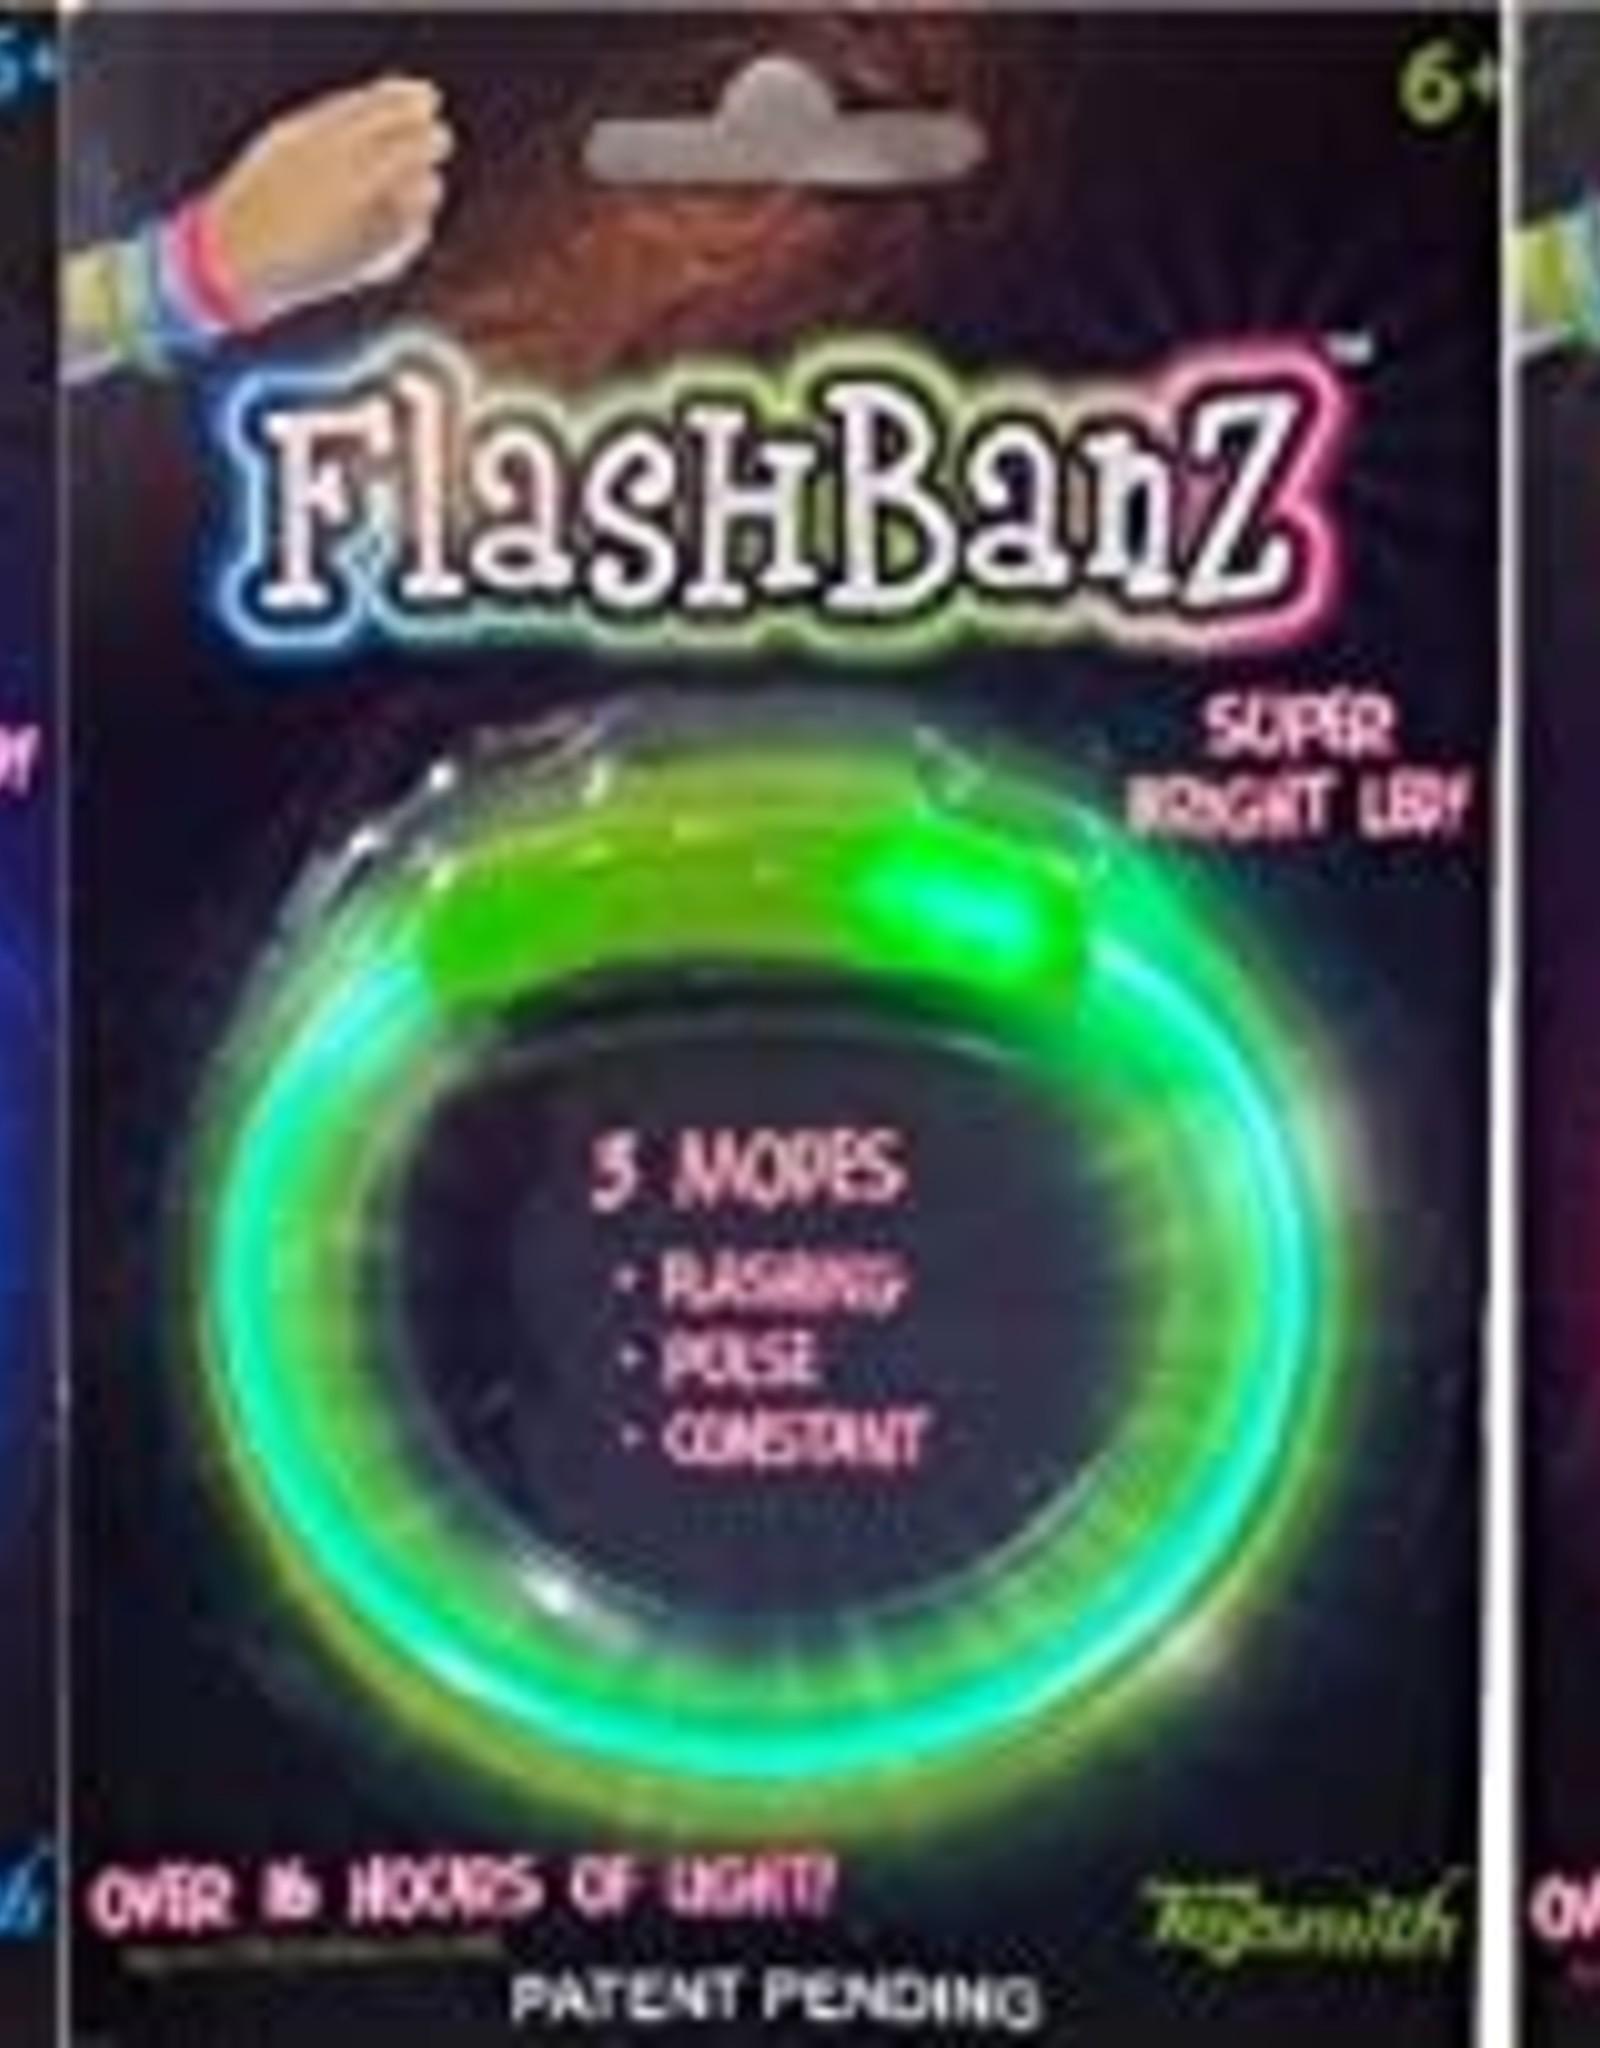 Flash Banz